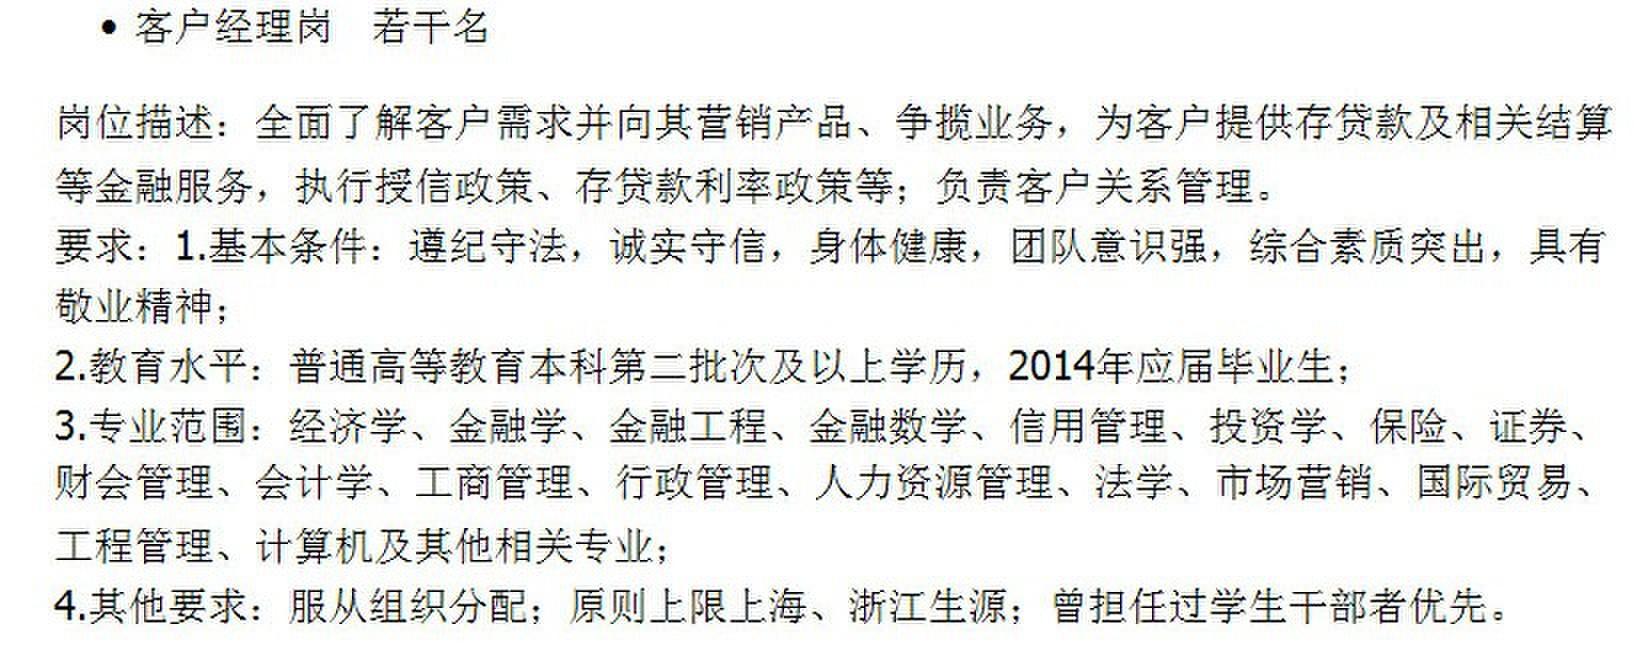 银行校园招聘2014_[浙江]温州银行2014校园招聘公告_银行招聘网